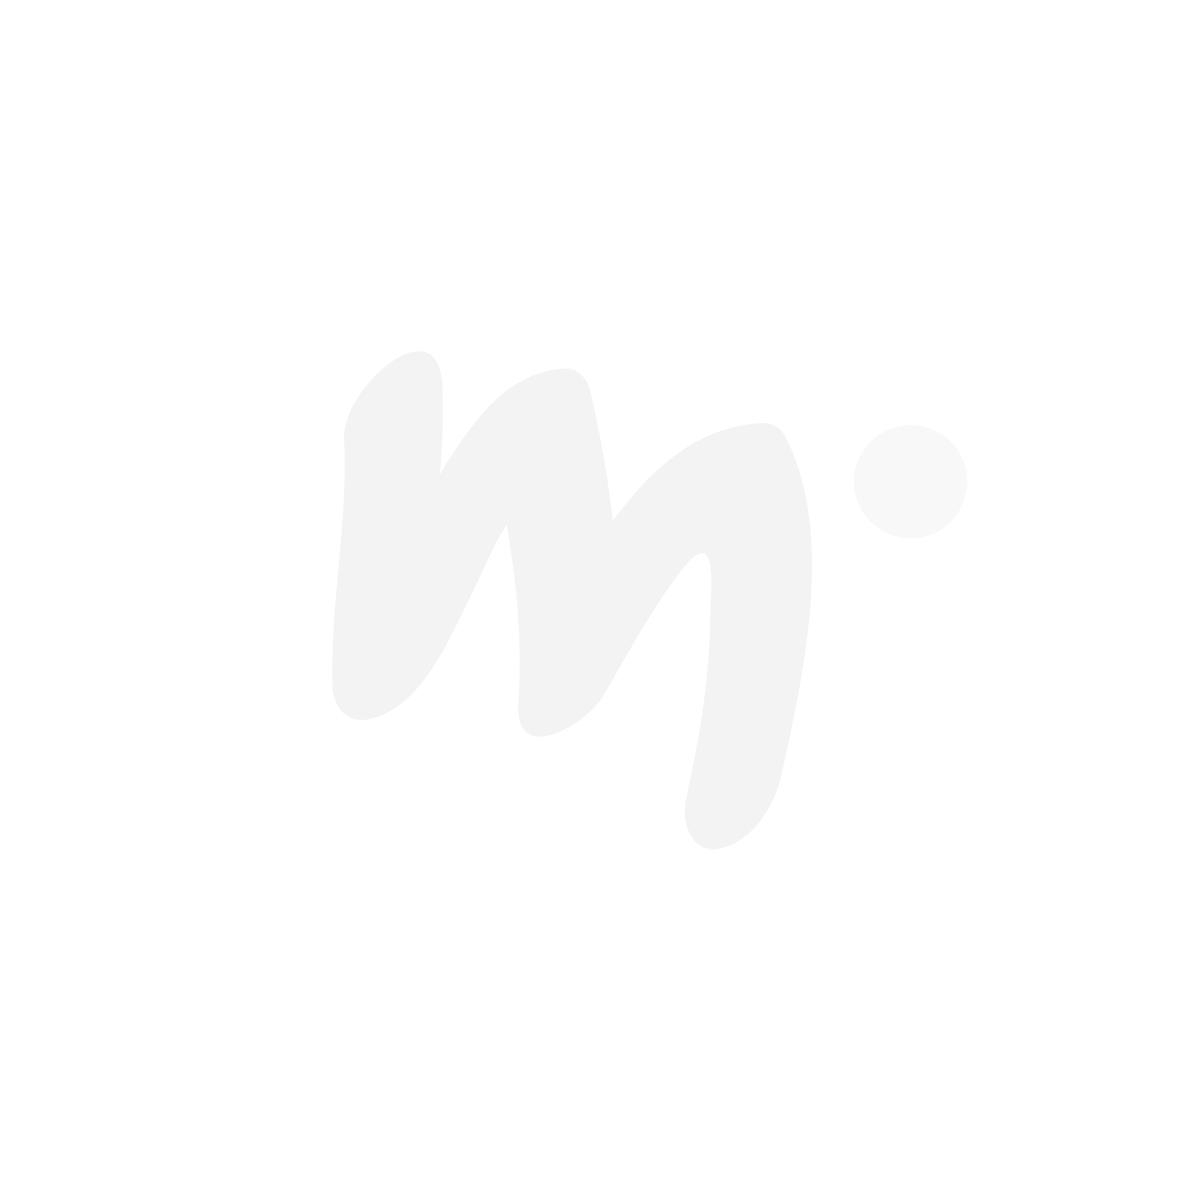 Muumi Kynänjälki-paita luonnonvalkoinen